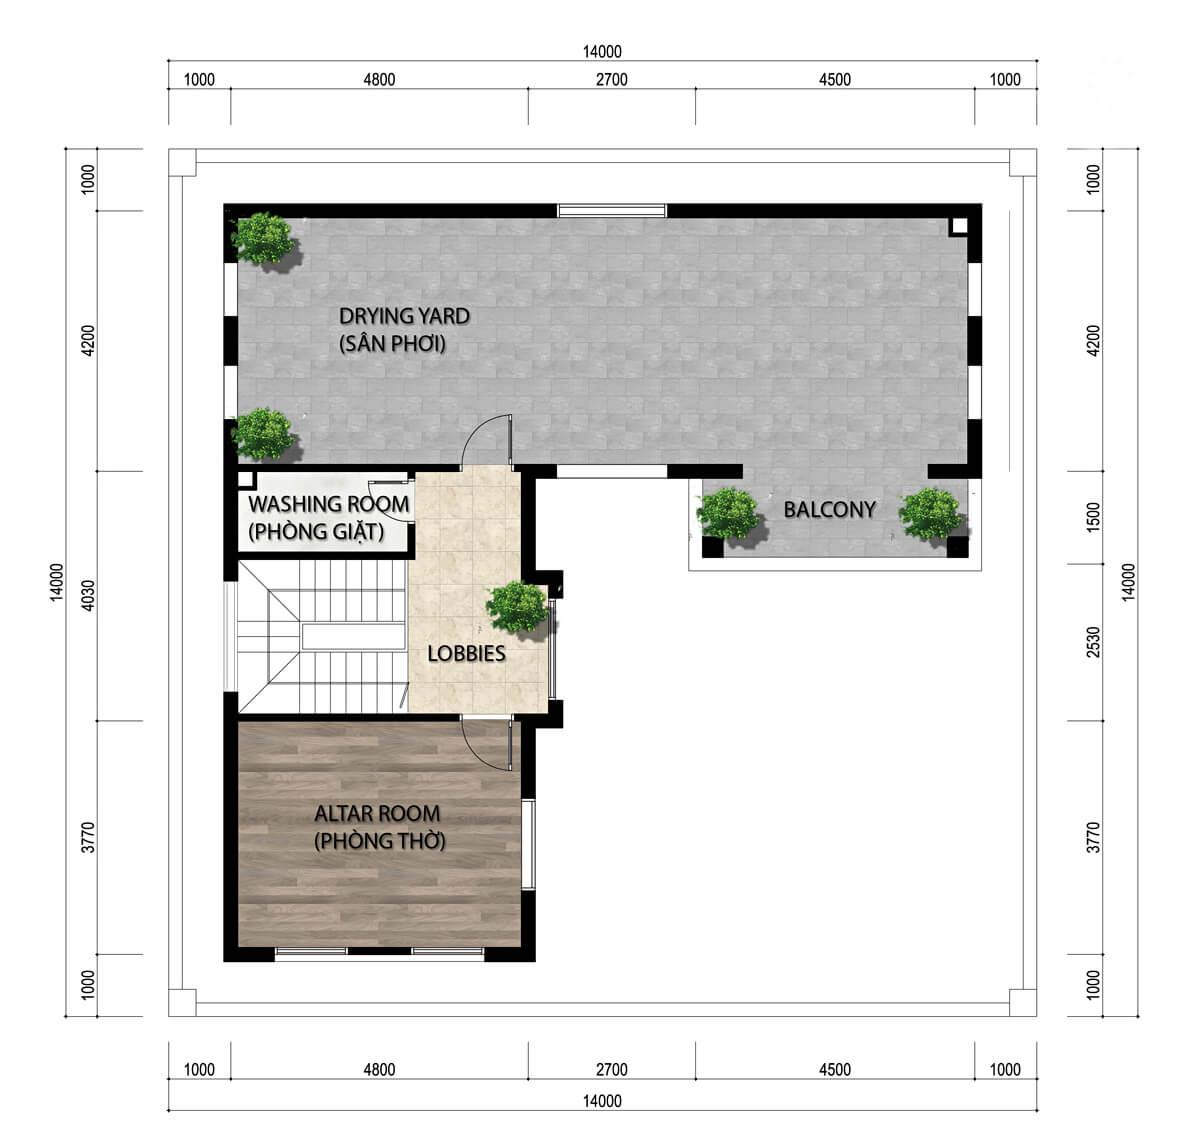 biệt thự 3 tầng mái thái 14x14m